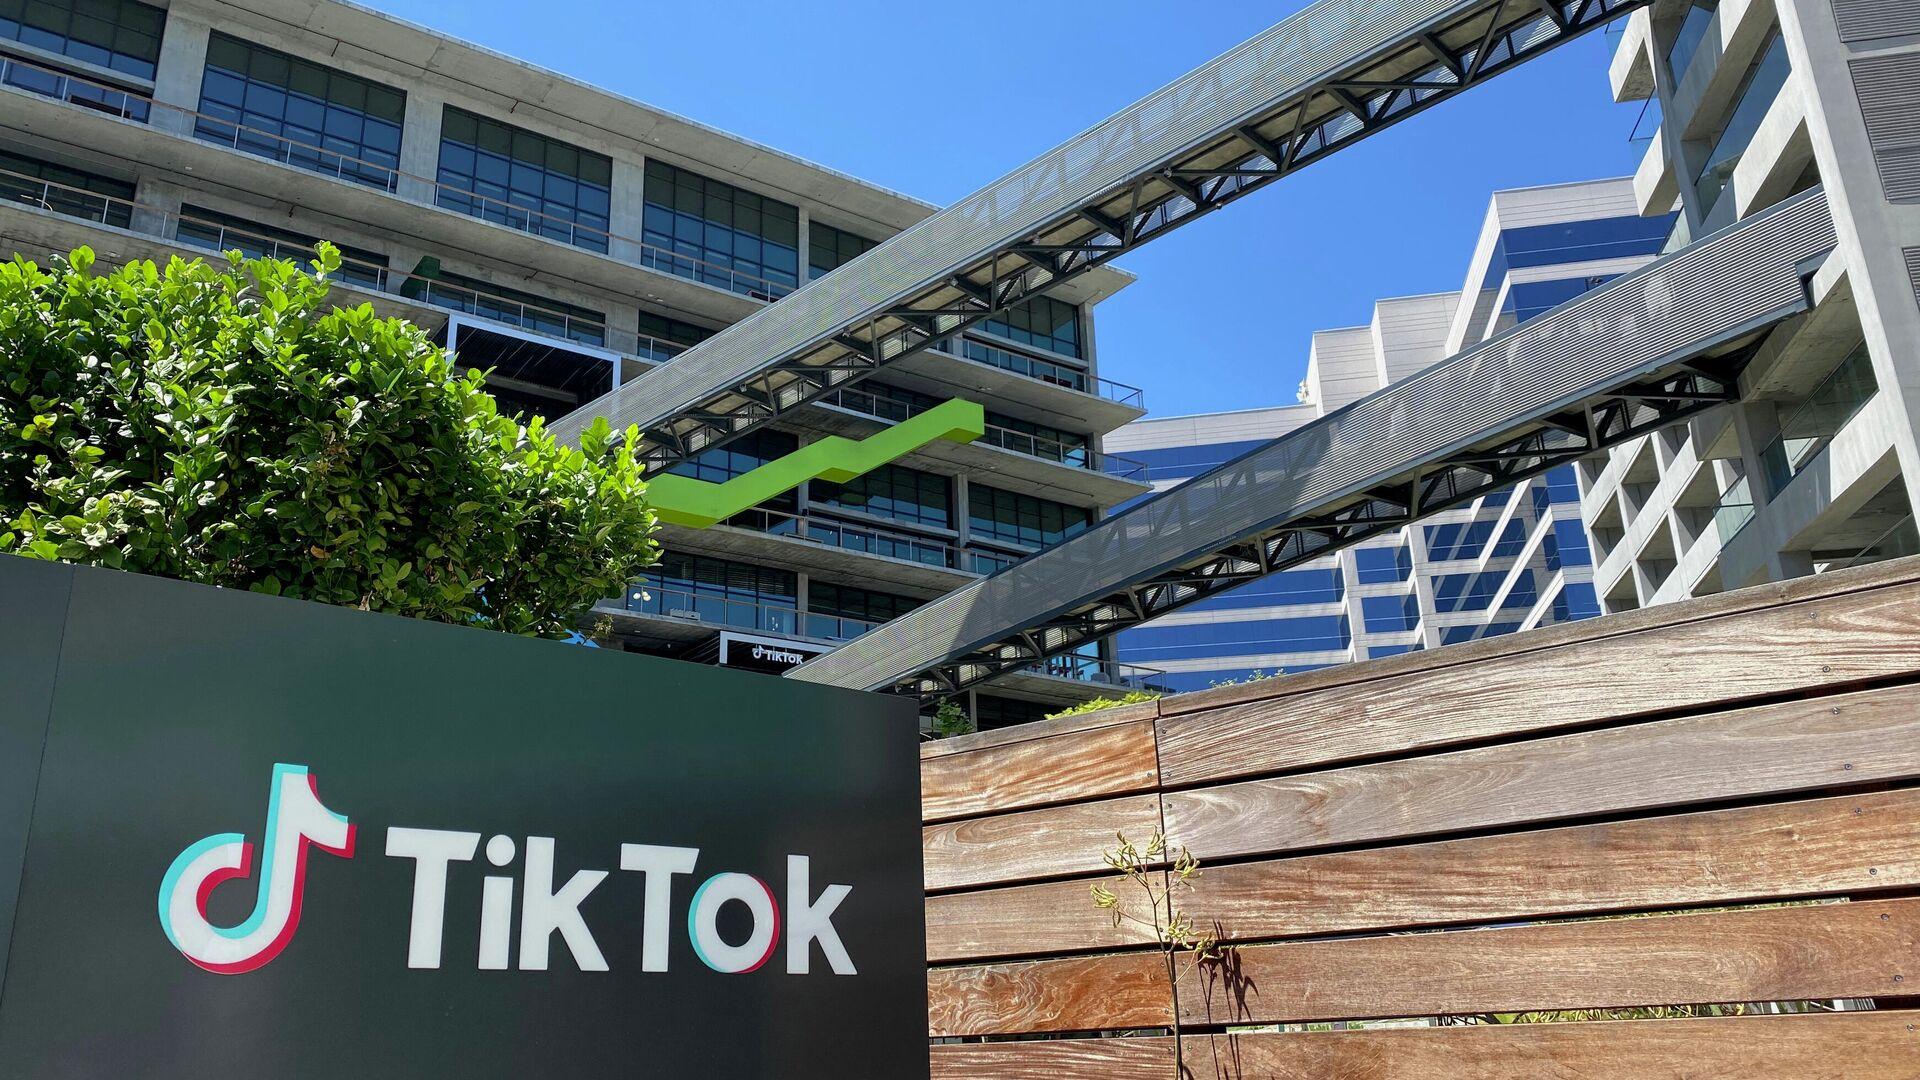 Логотип китайского видеоприложения TikTok на здании офиса компании в Калвер-Сити на западе Лос-Анджелеса - РИА Новости, 1920, 15.08.2020